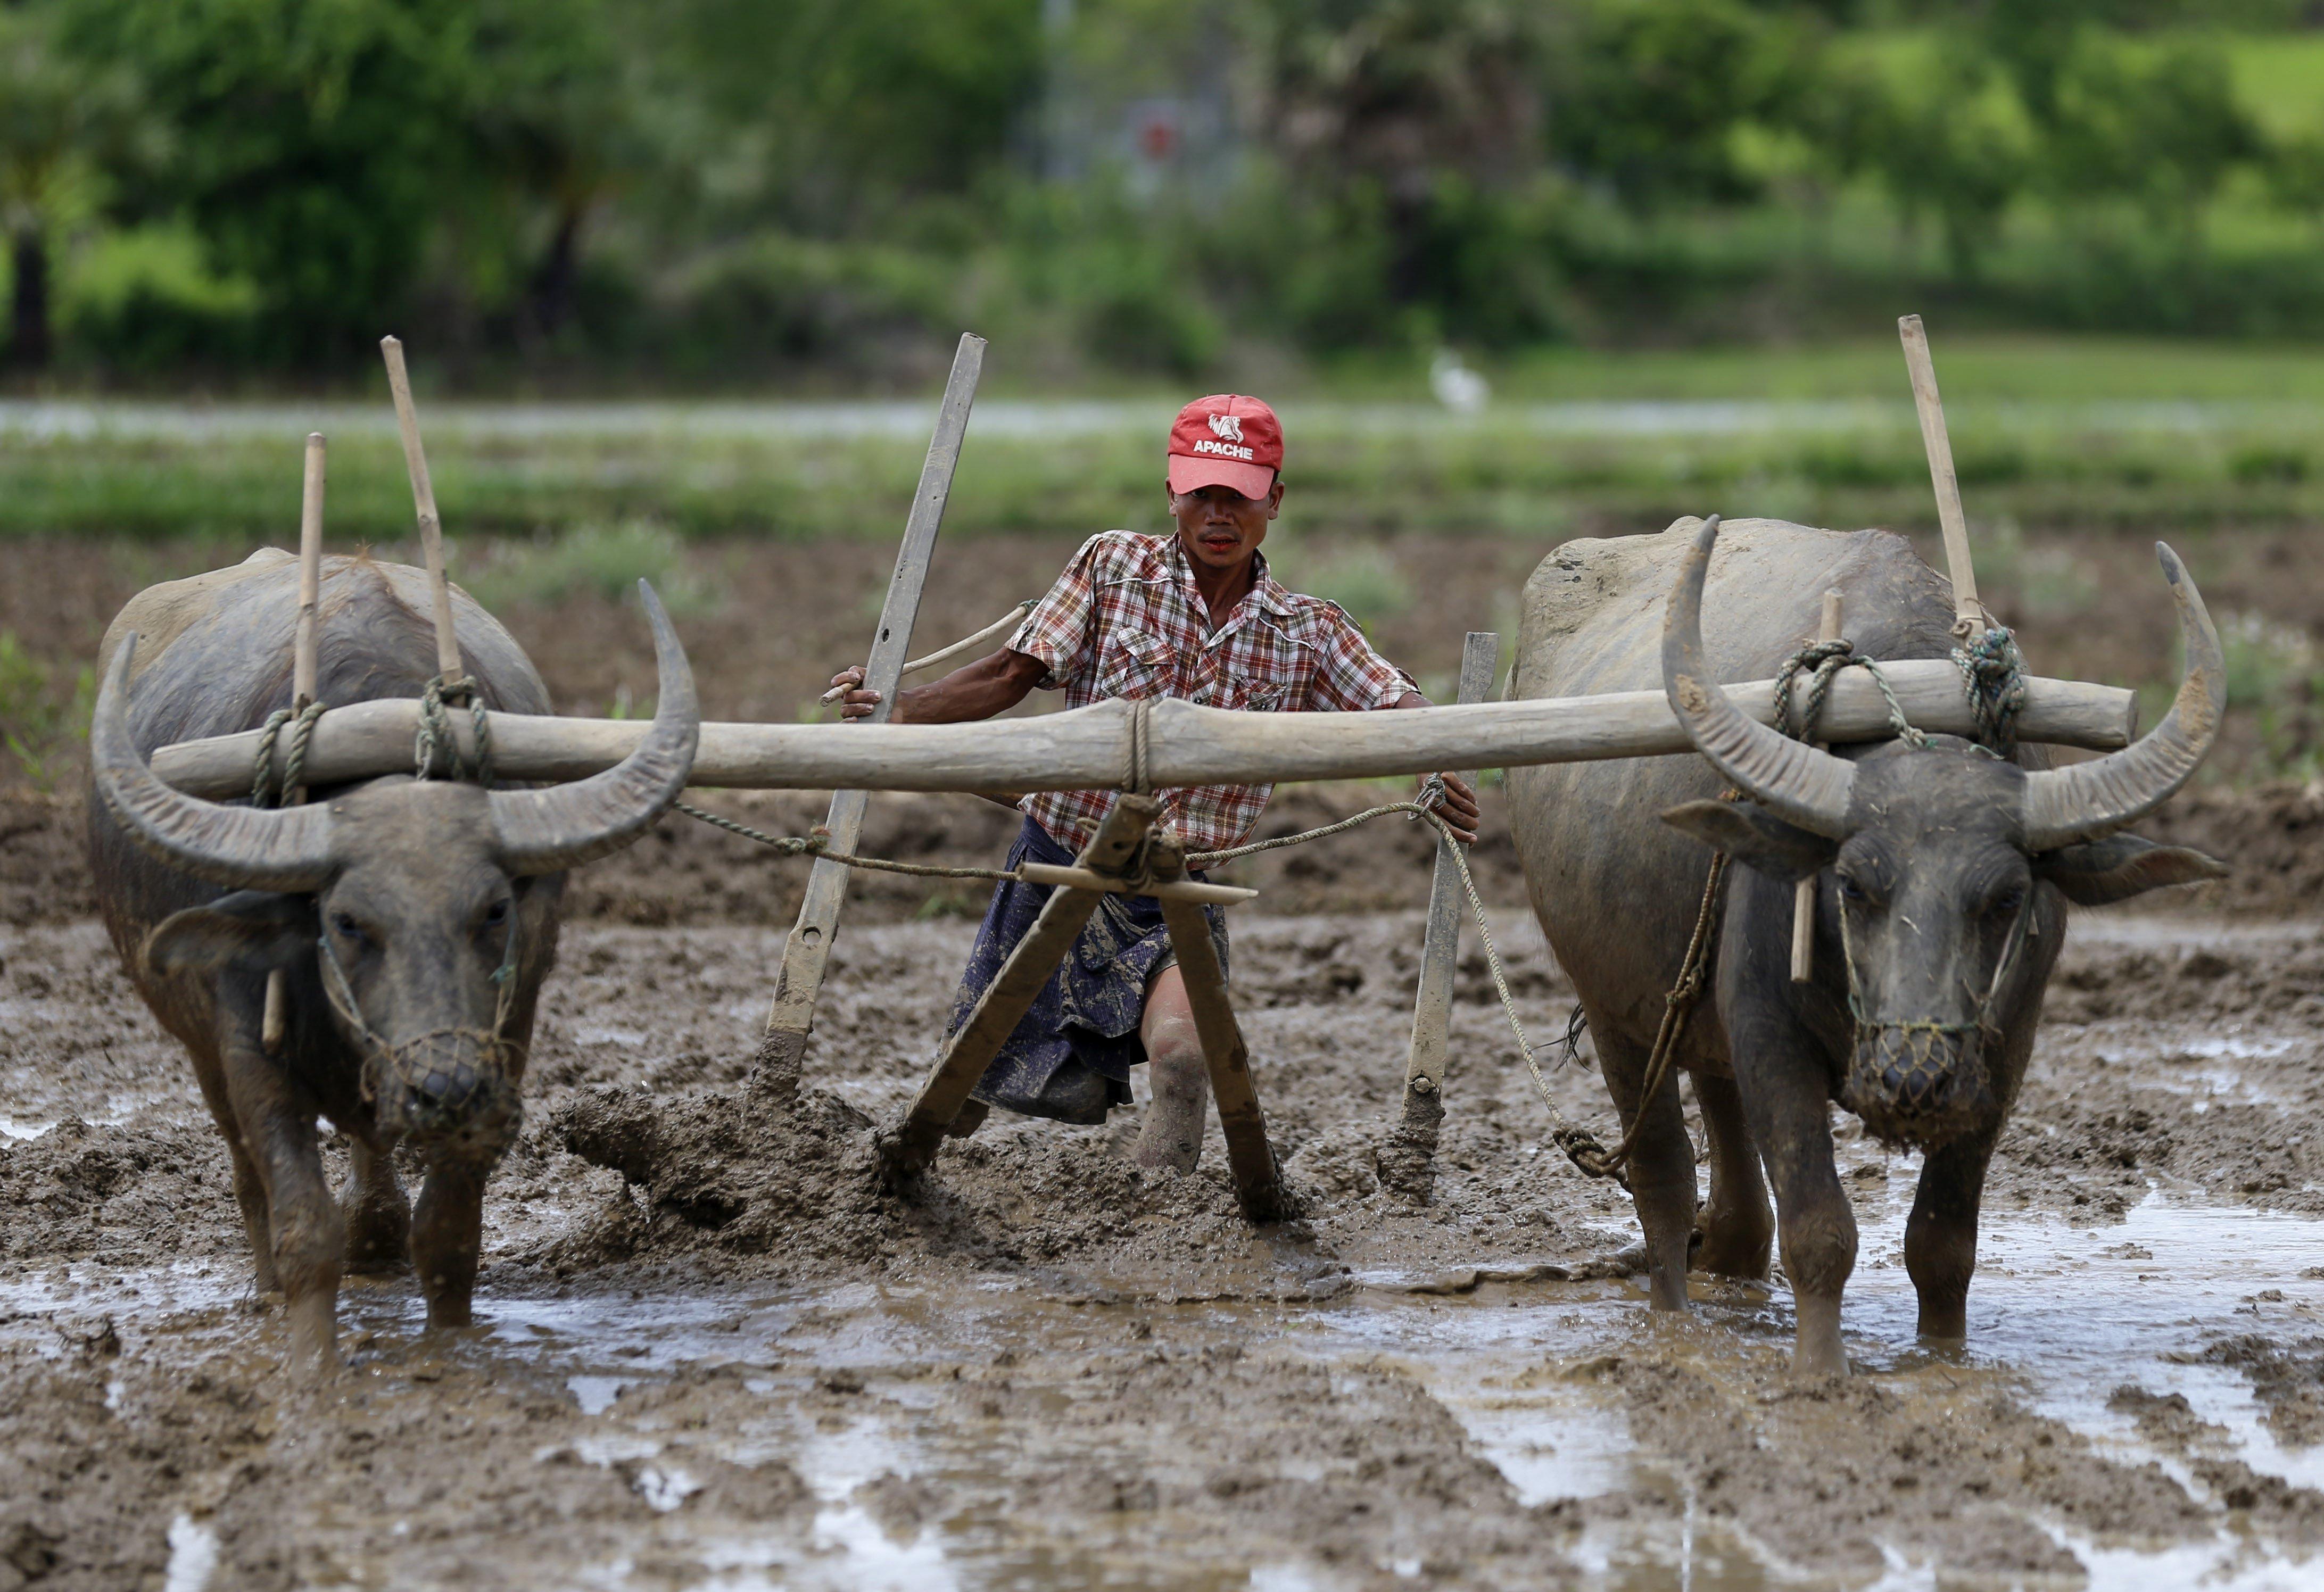 Un agricultor birmà llaura la terra ajudat pels seus búfals per preparar el terreny abans de conrear arròs de cara a la temporada de pluges a Naipyidó, Birmània./Lynn Bo Bo